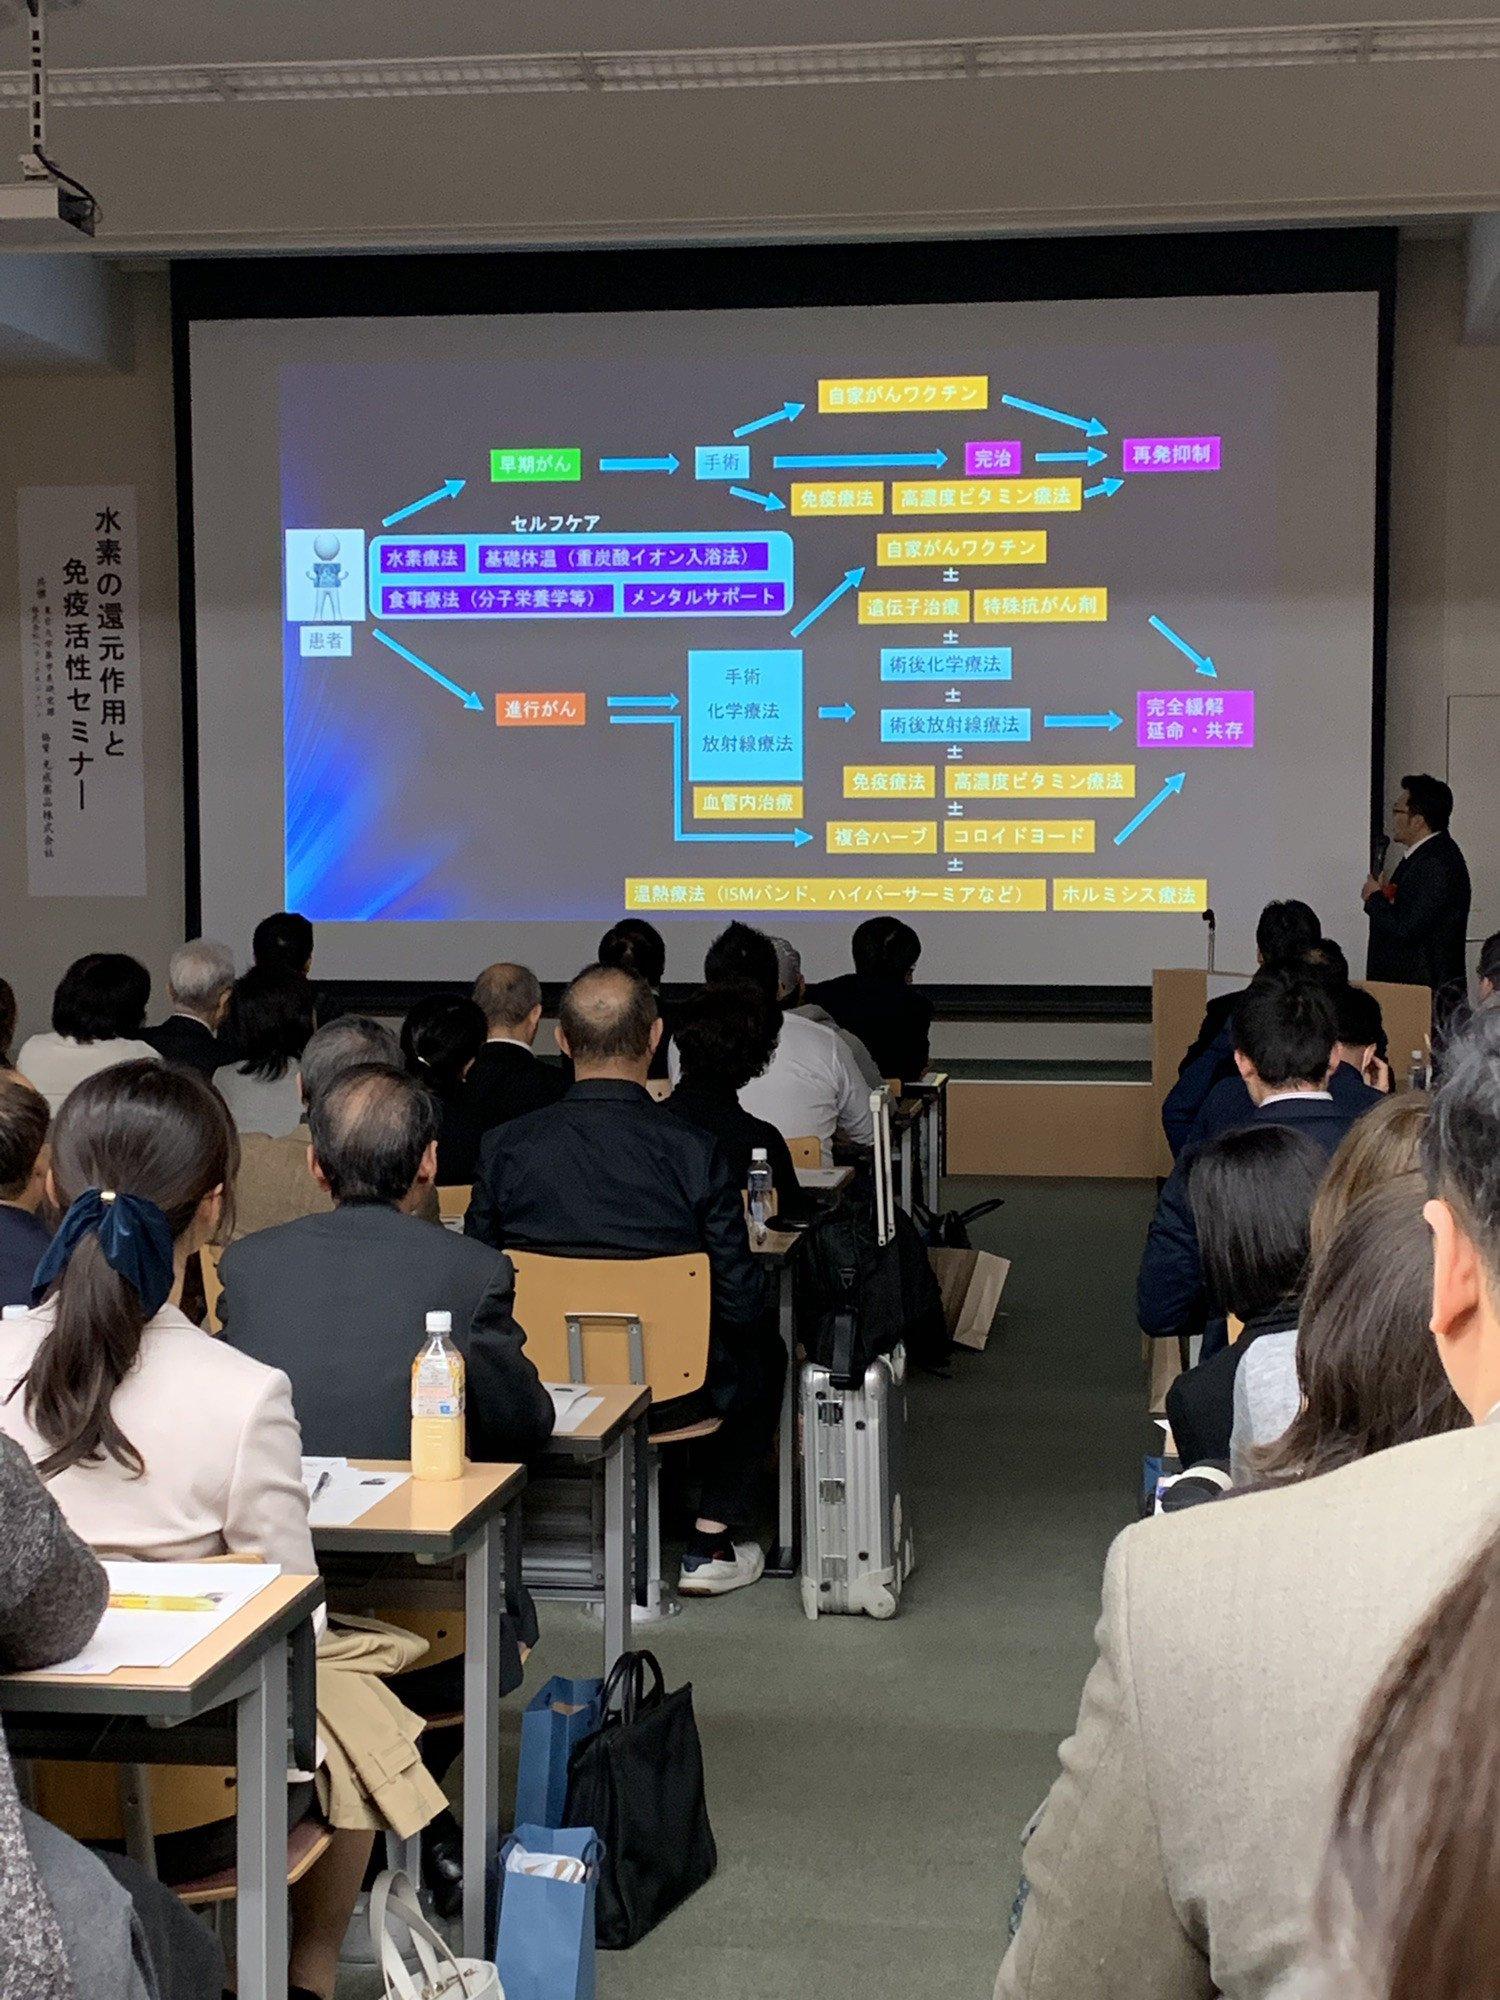 東京大學 氫氣還原作用及免疫活性 氫醫學研討會07-萬憲彰院長 - 氫醫學/癌症/免疫/氫美機